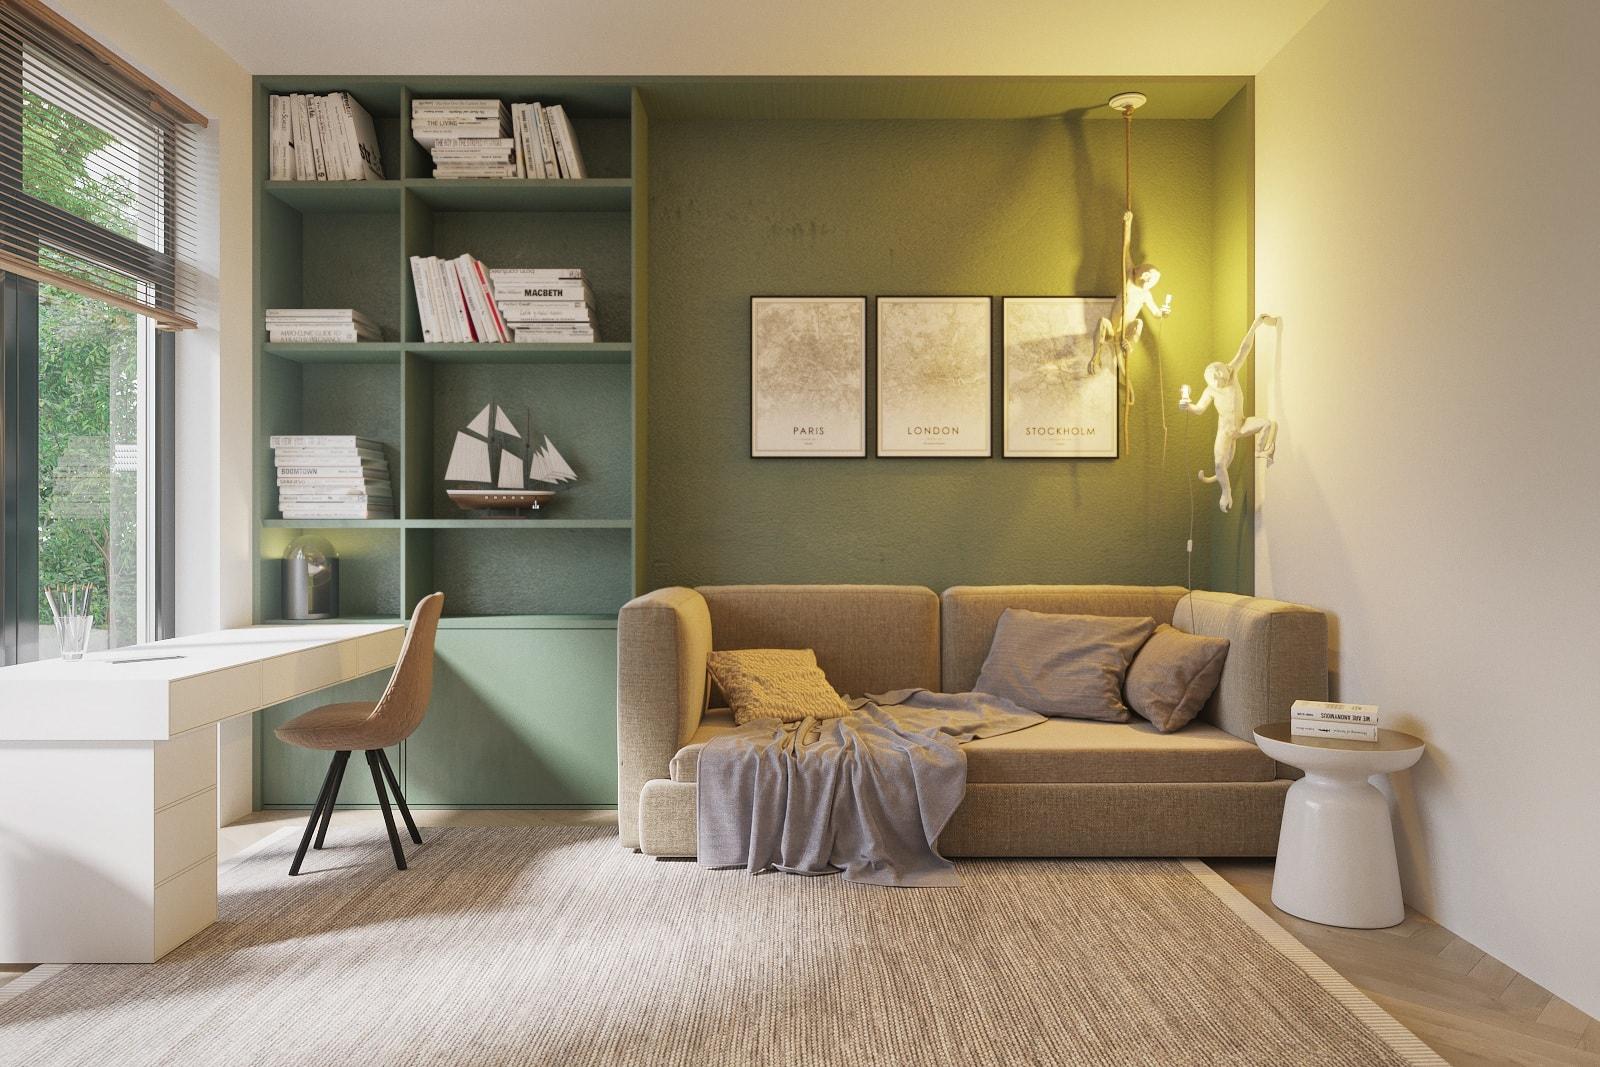 Расположение письменного стола вдоль окна является самым распространенным и удобным вариантом